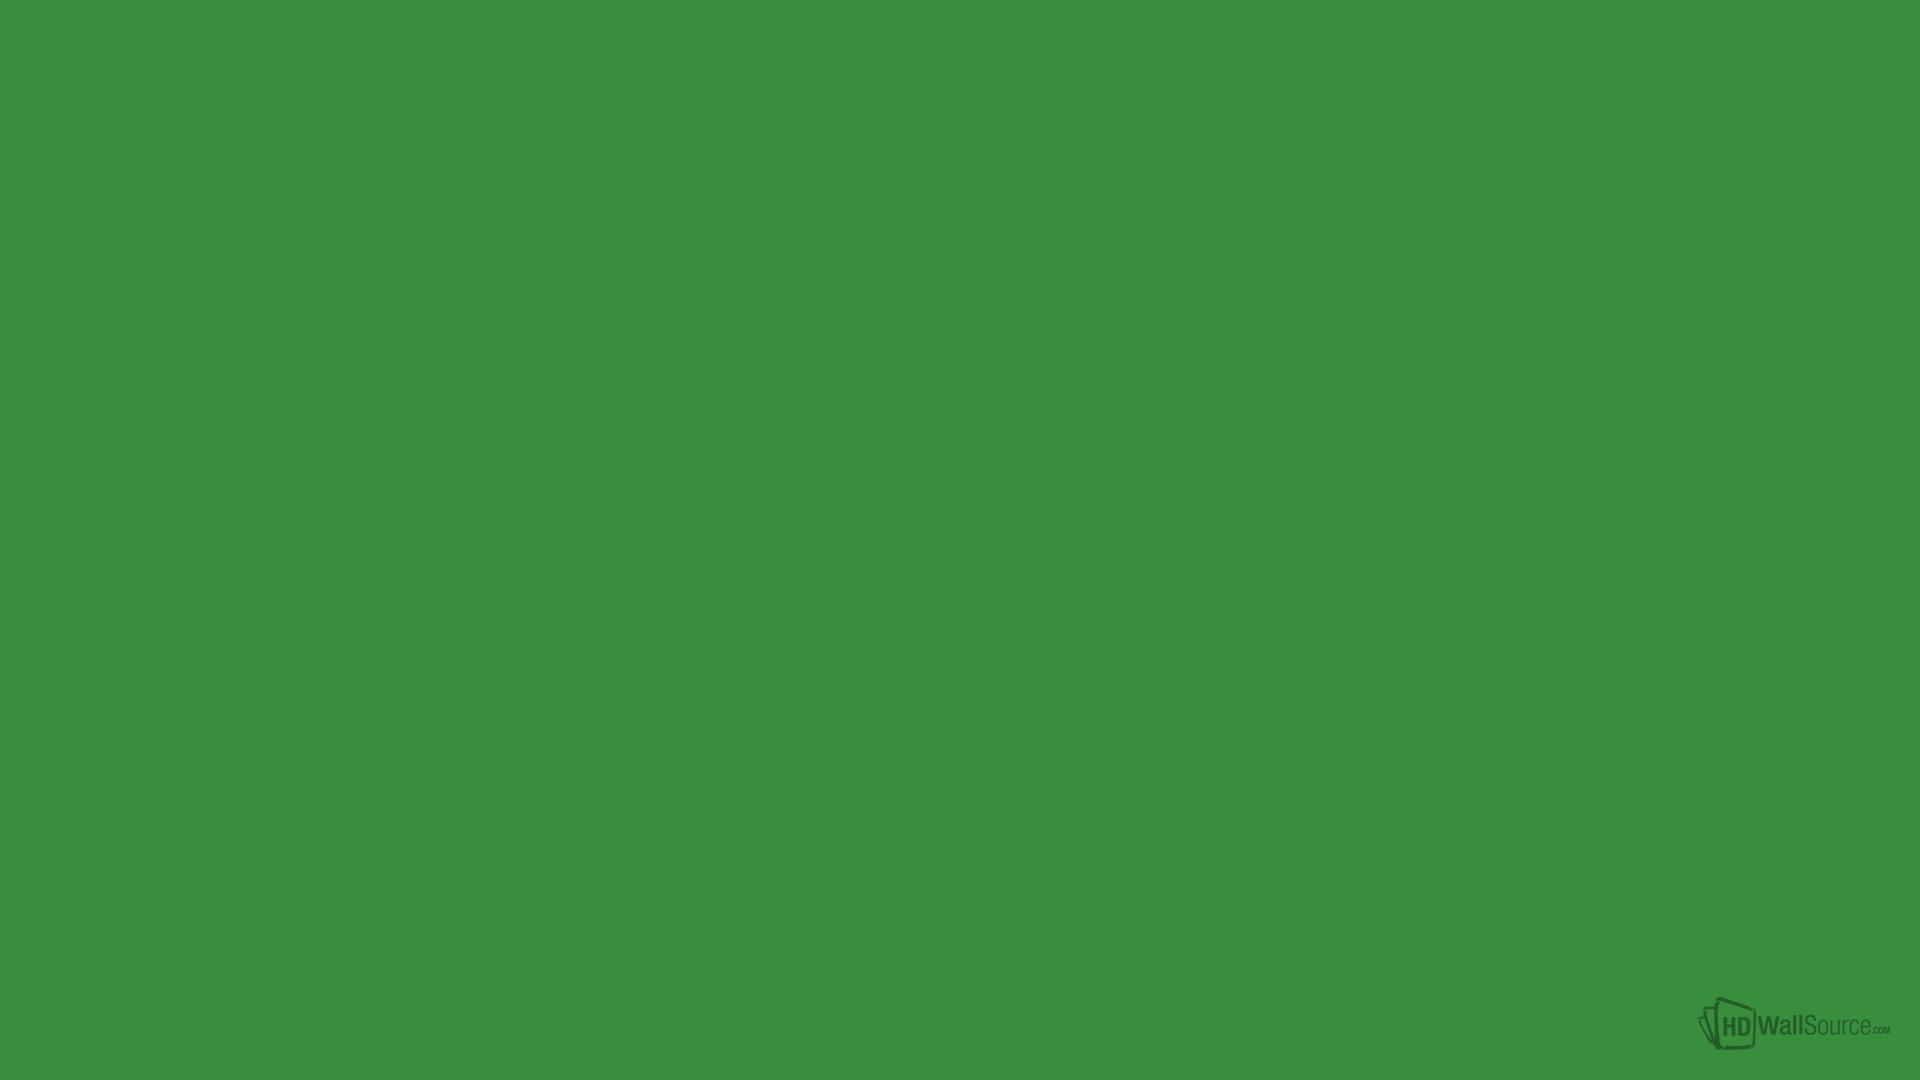 388e3c wallpaper 70548